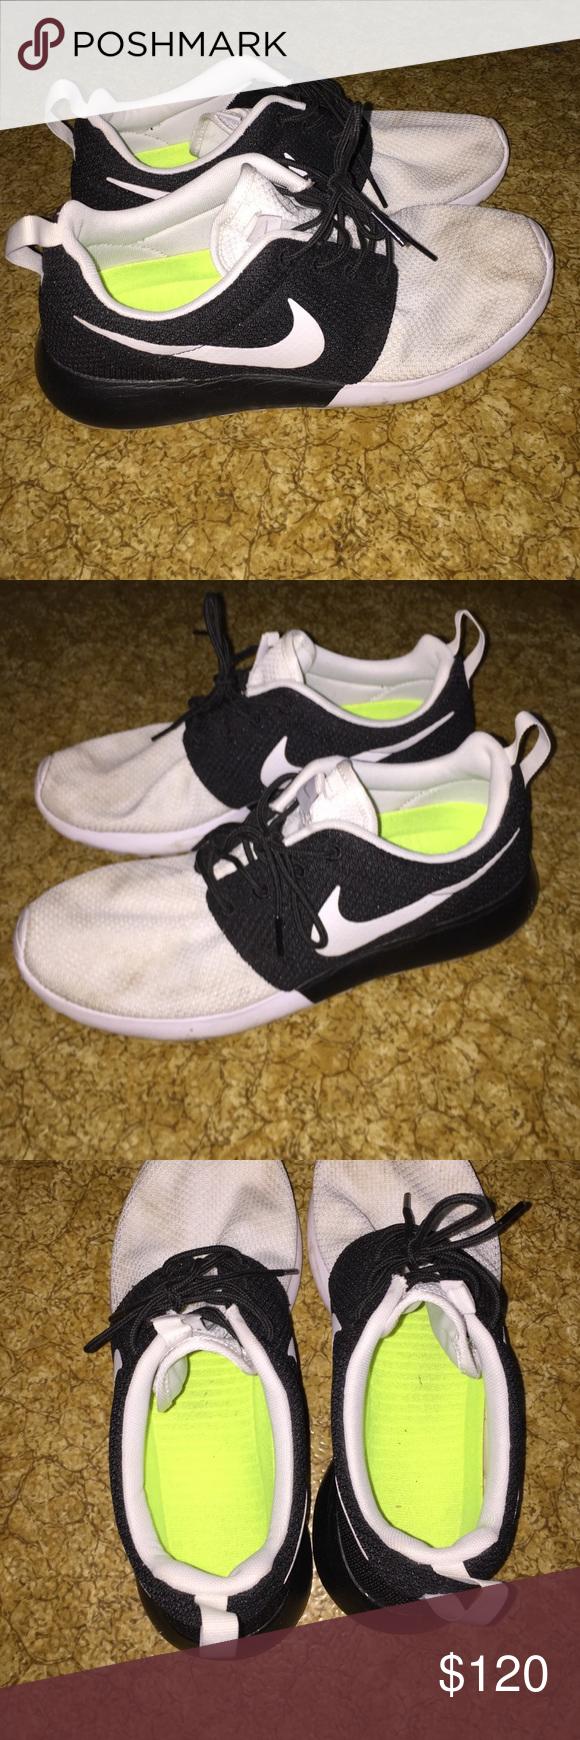 df1dfcce527e Nike Roshè IDs!!! 😍😍